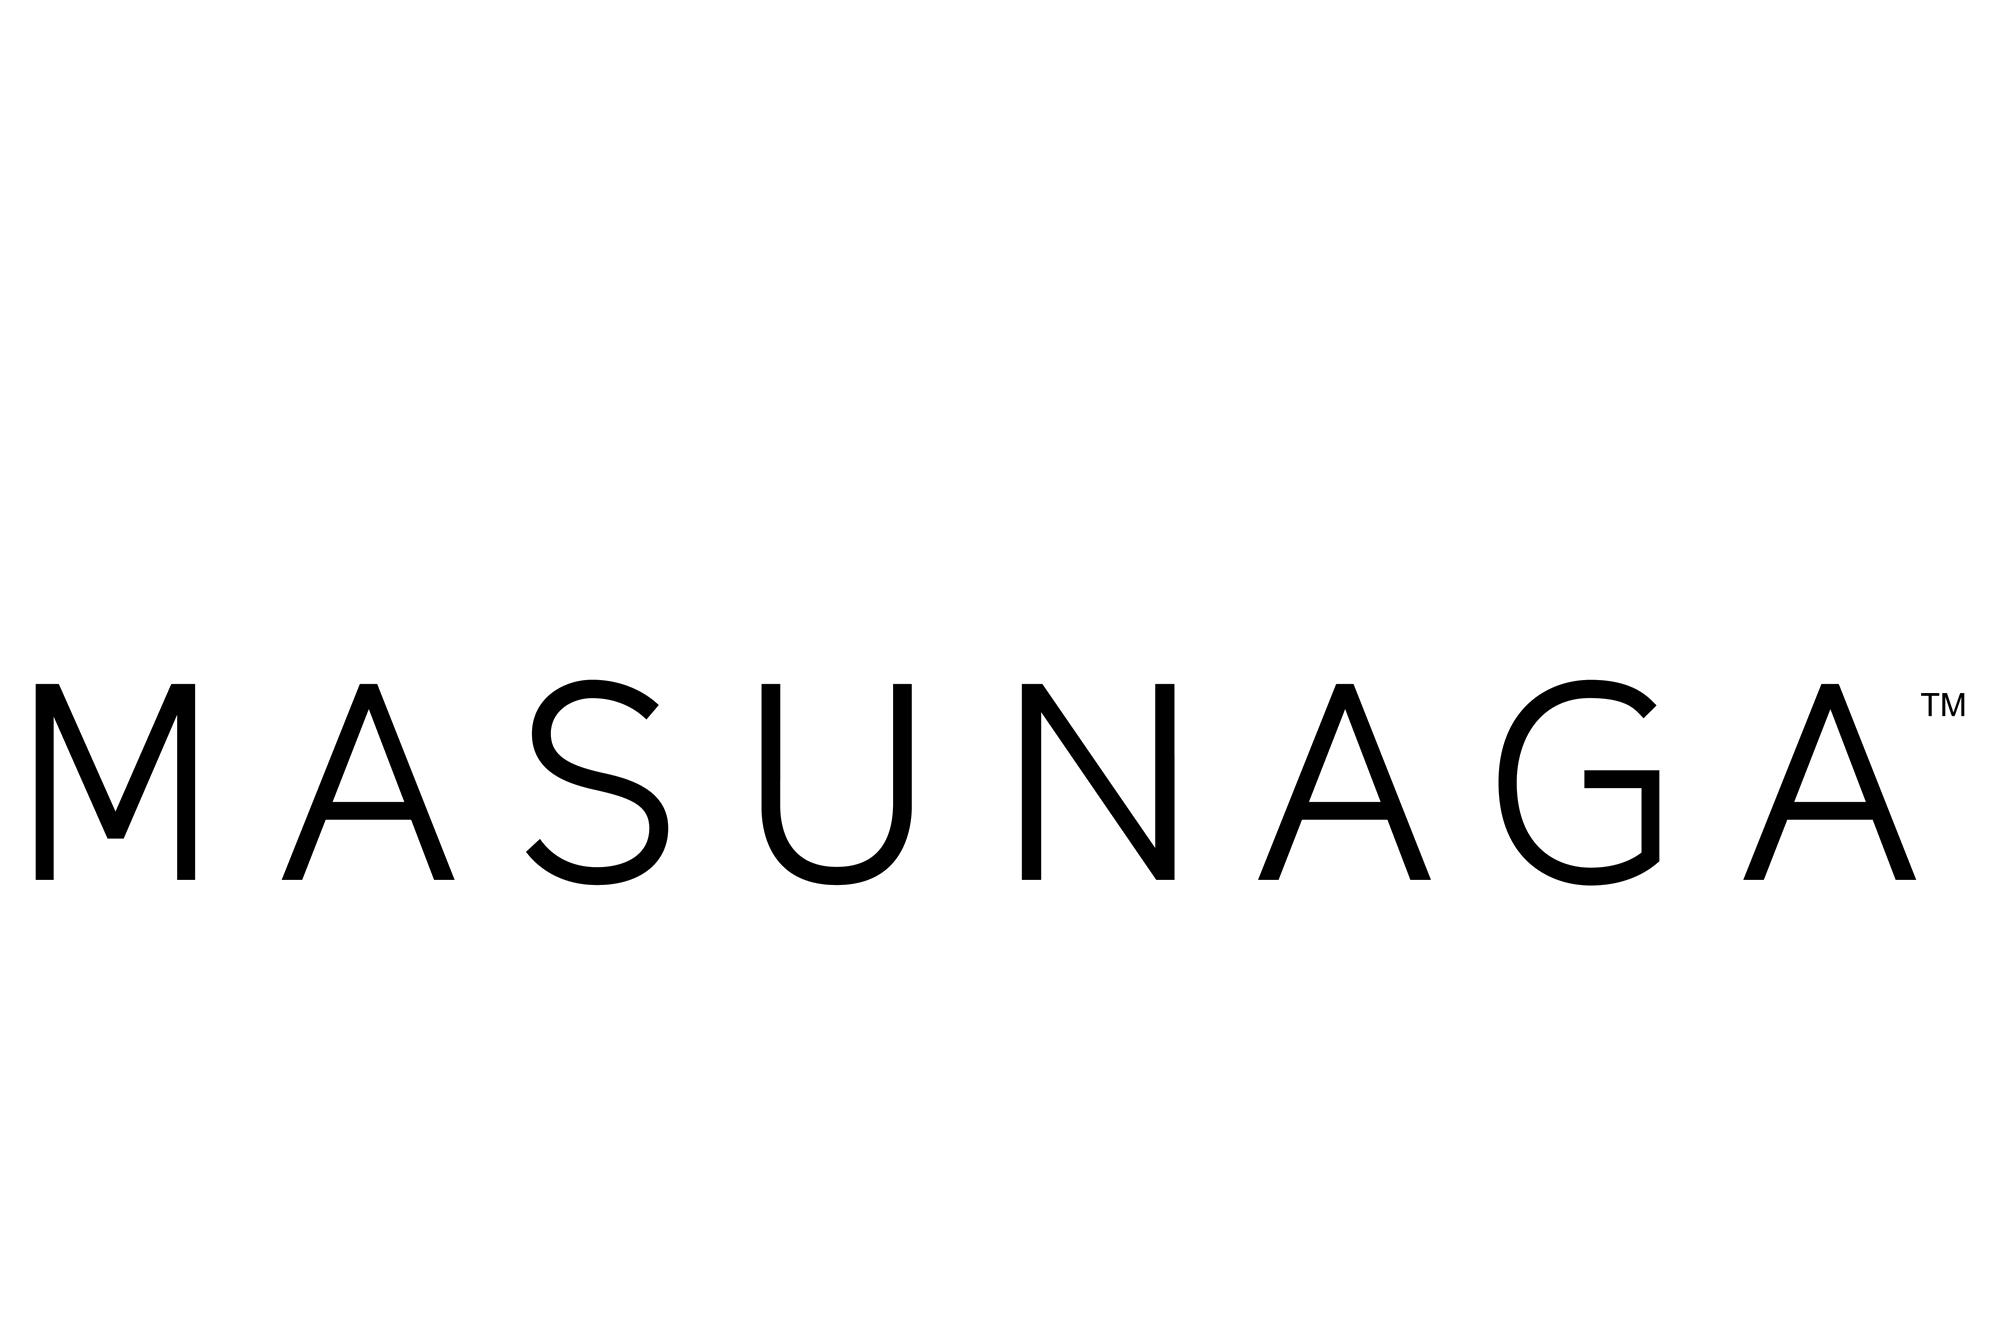 Masunaga - since 1903